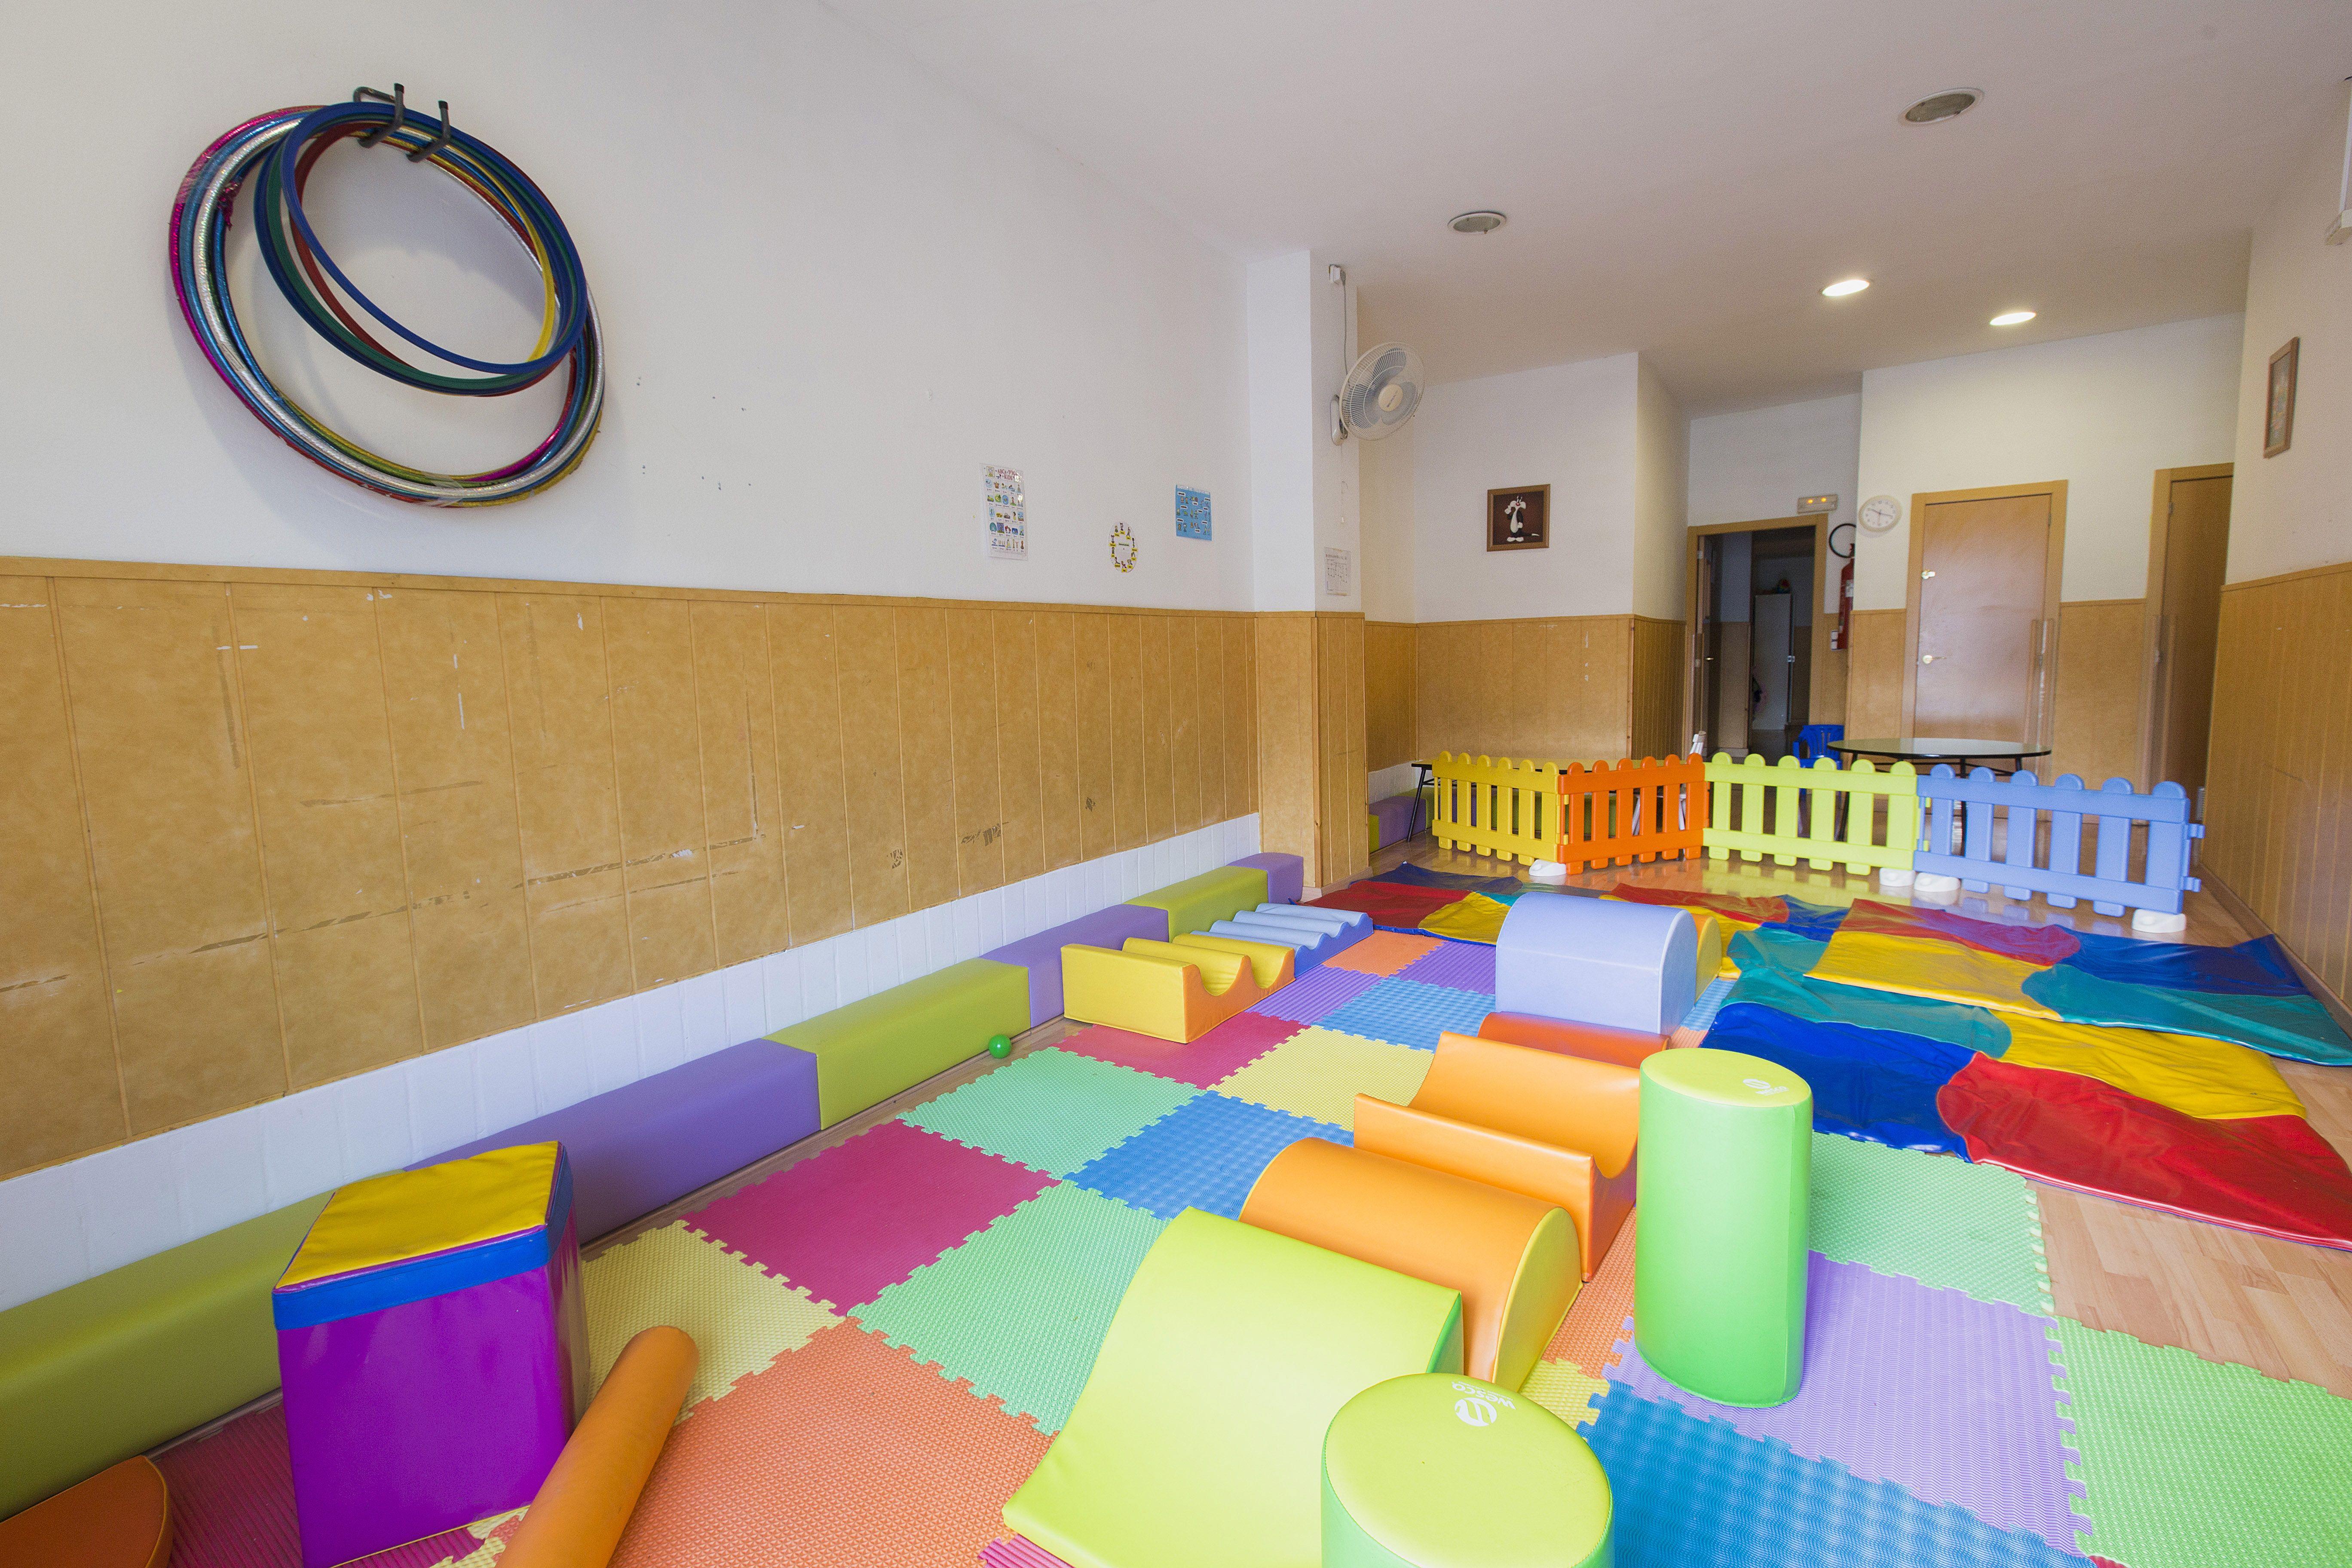 Modernas aulas para jugar de forma segura y cómoda